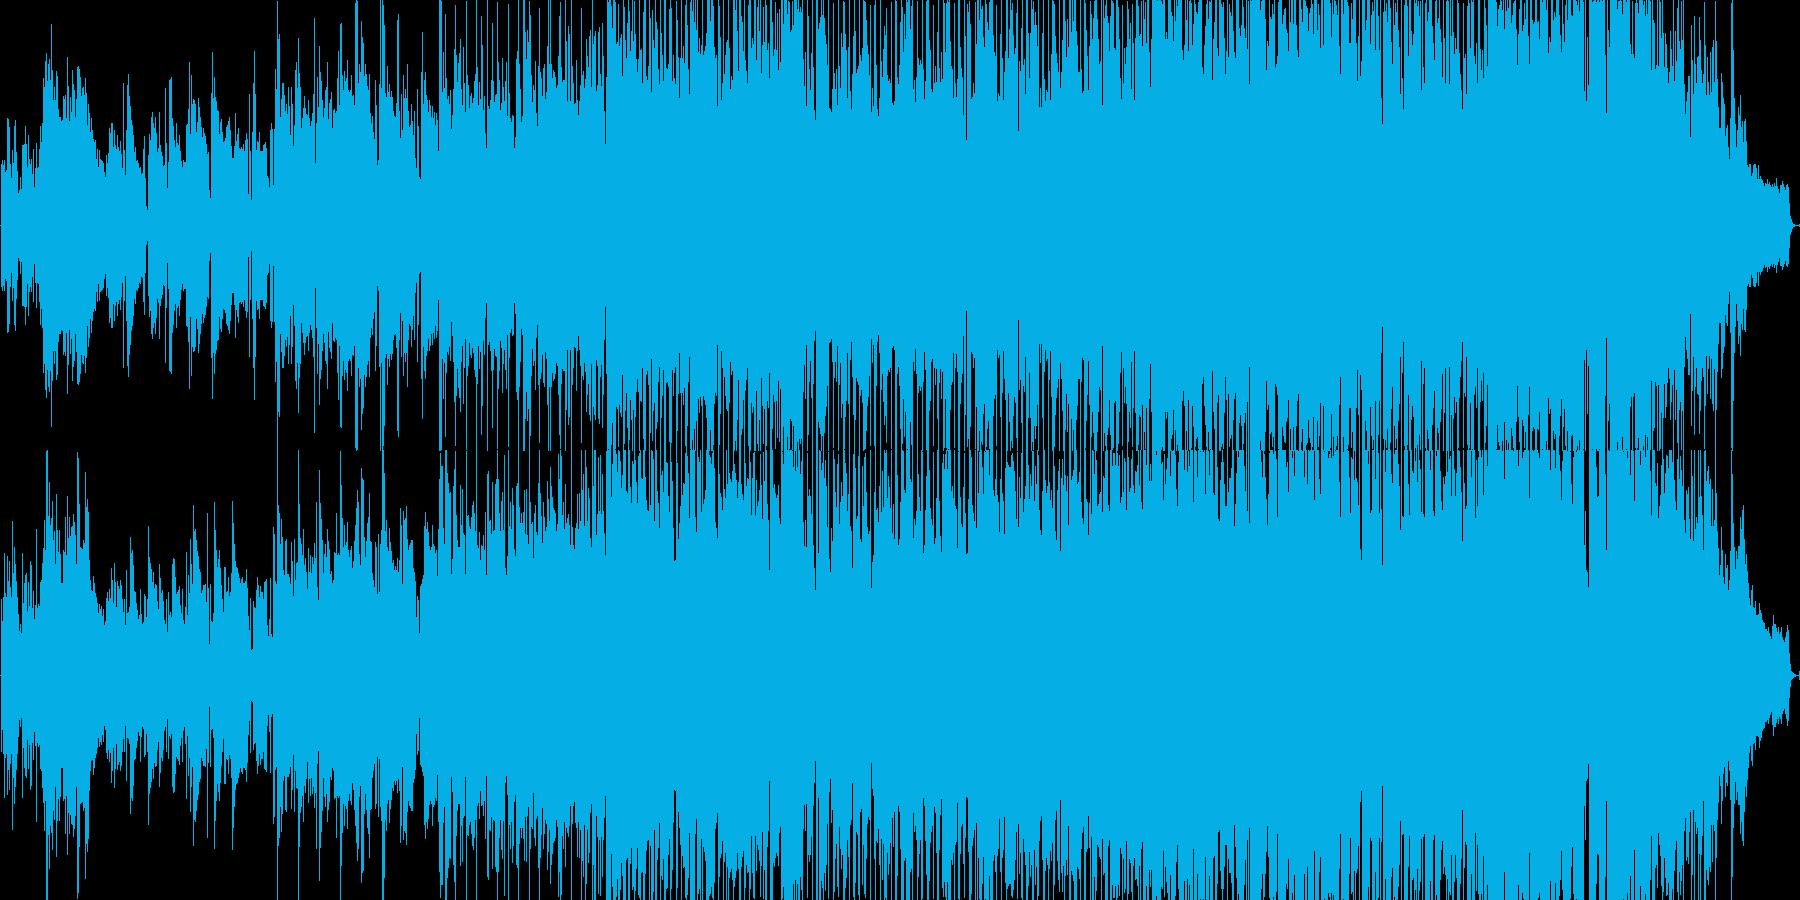 落ち着いた雰囲気のJポップバラードの再生済みの波形